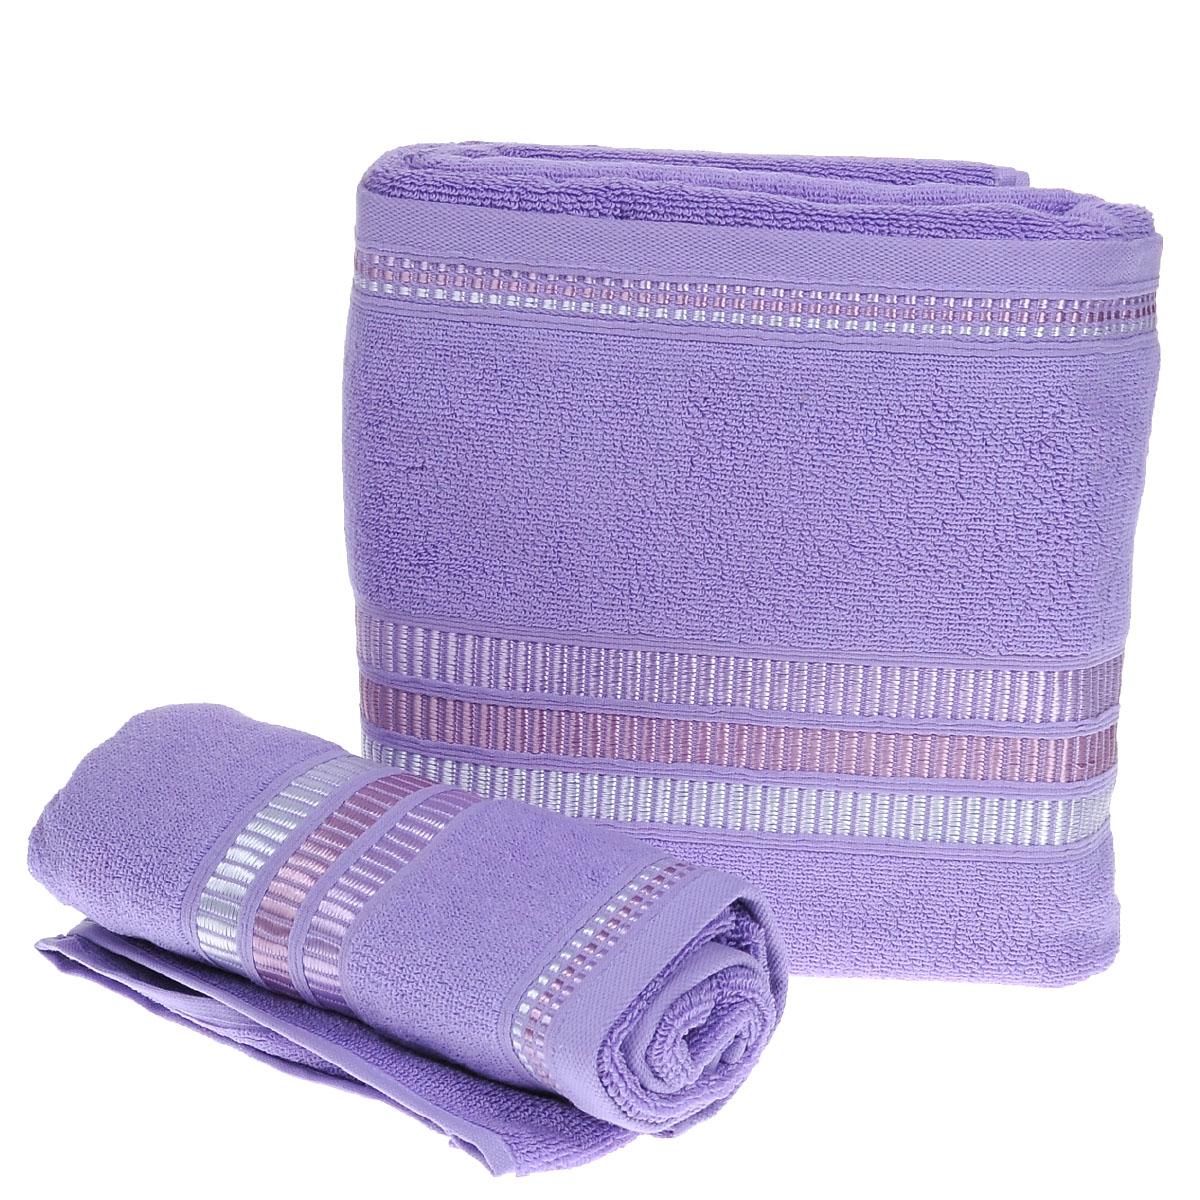 Набор махровых полотенец Coronet Пиано, цвет: светло-фиолетовый, 2 шт. Б-МП-2020-15-09-рБ-МП-2020-15-09-рПодарочный набор Coronet Пиано состоит из двух полотенец разного размера, выполненных из натуральной махровой ткани. Полотенца украшены изящным декоративным тиснением. Мягкие и уютные, они прекрасно впитывают влагу и легко стираются. Такой набор подарит вам мягкость и необыкновенный комфорт в использовании. Благодаря высокому качеству изготовления, полотенце будет радовать многие годы. Полотенца упакованы в подарочную коробку и станут приятным и полезным подарком вашим друзьям и близким. Комплектация: 2 шт. Плотность полотенец 550 г/м.